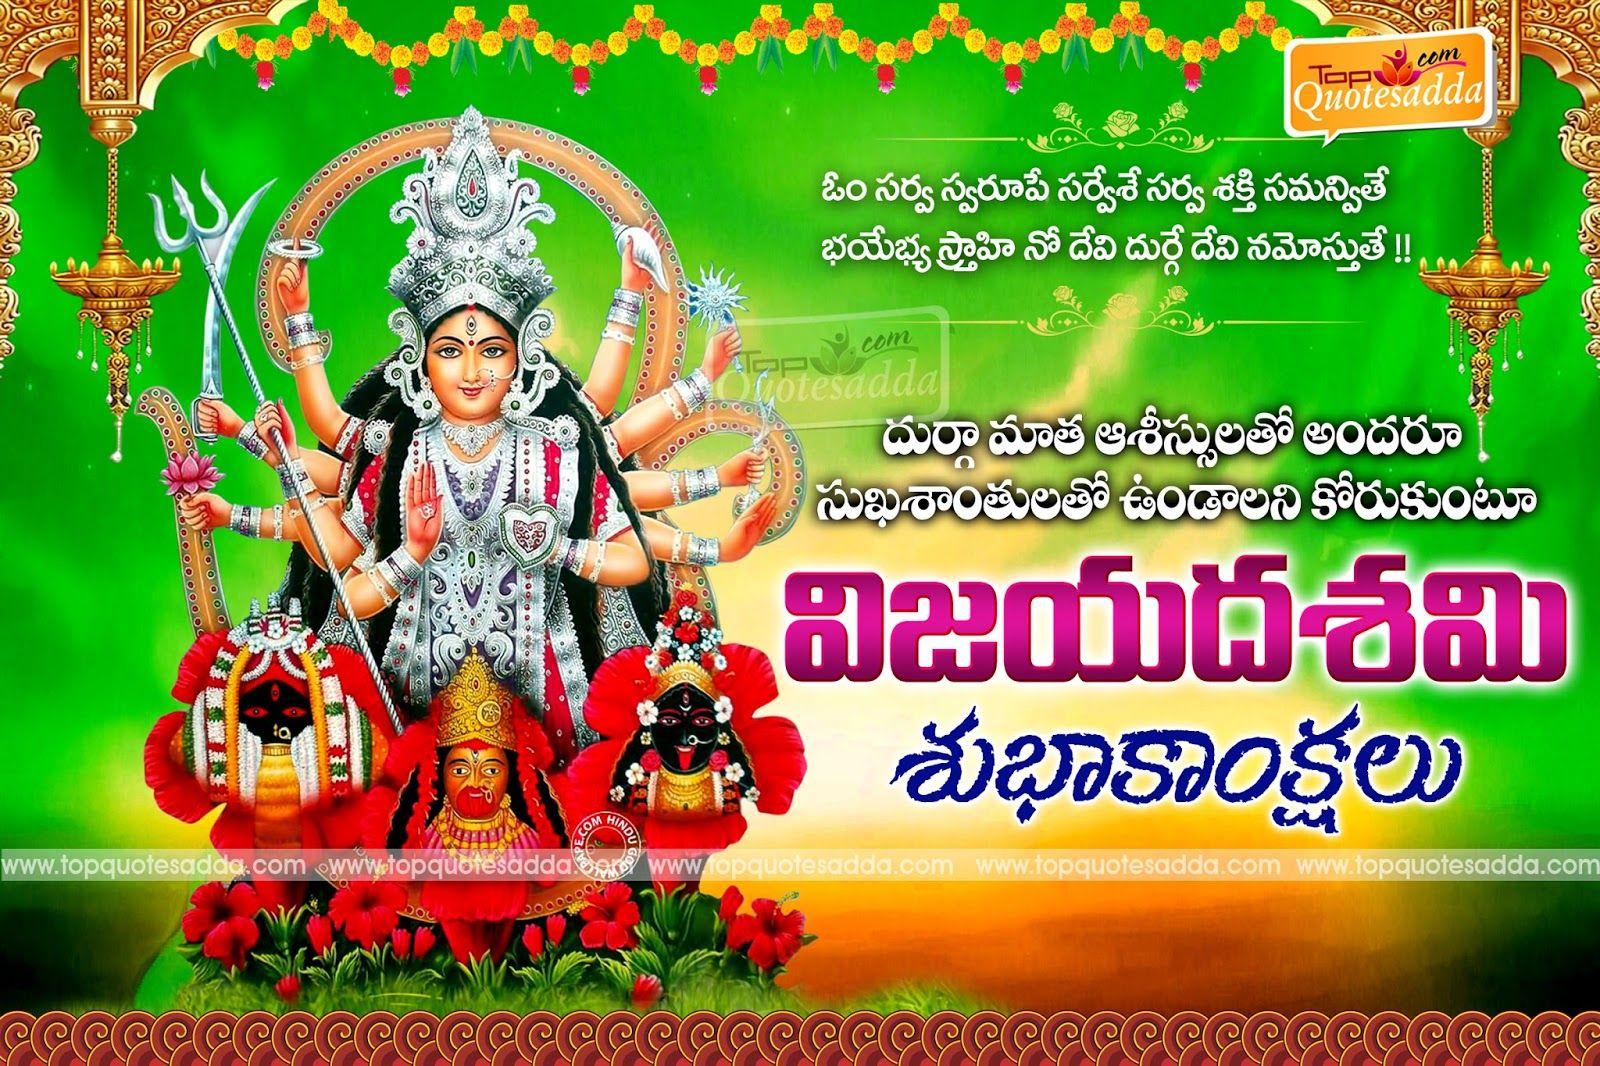 Dasara Quotes In Telugu Twitter thumbnail